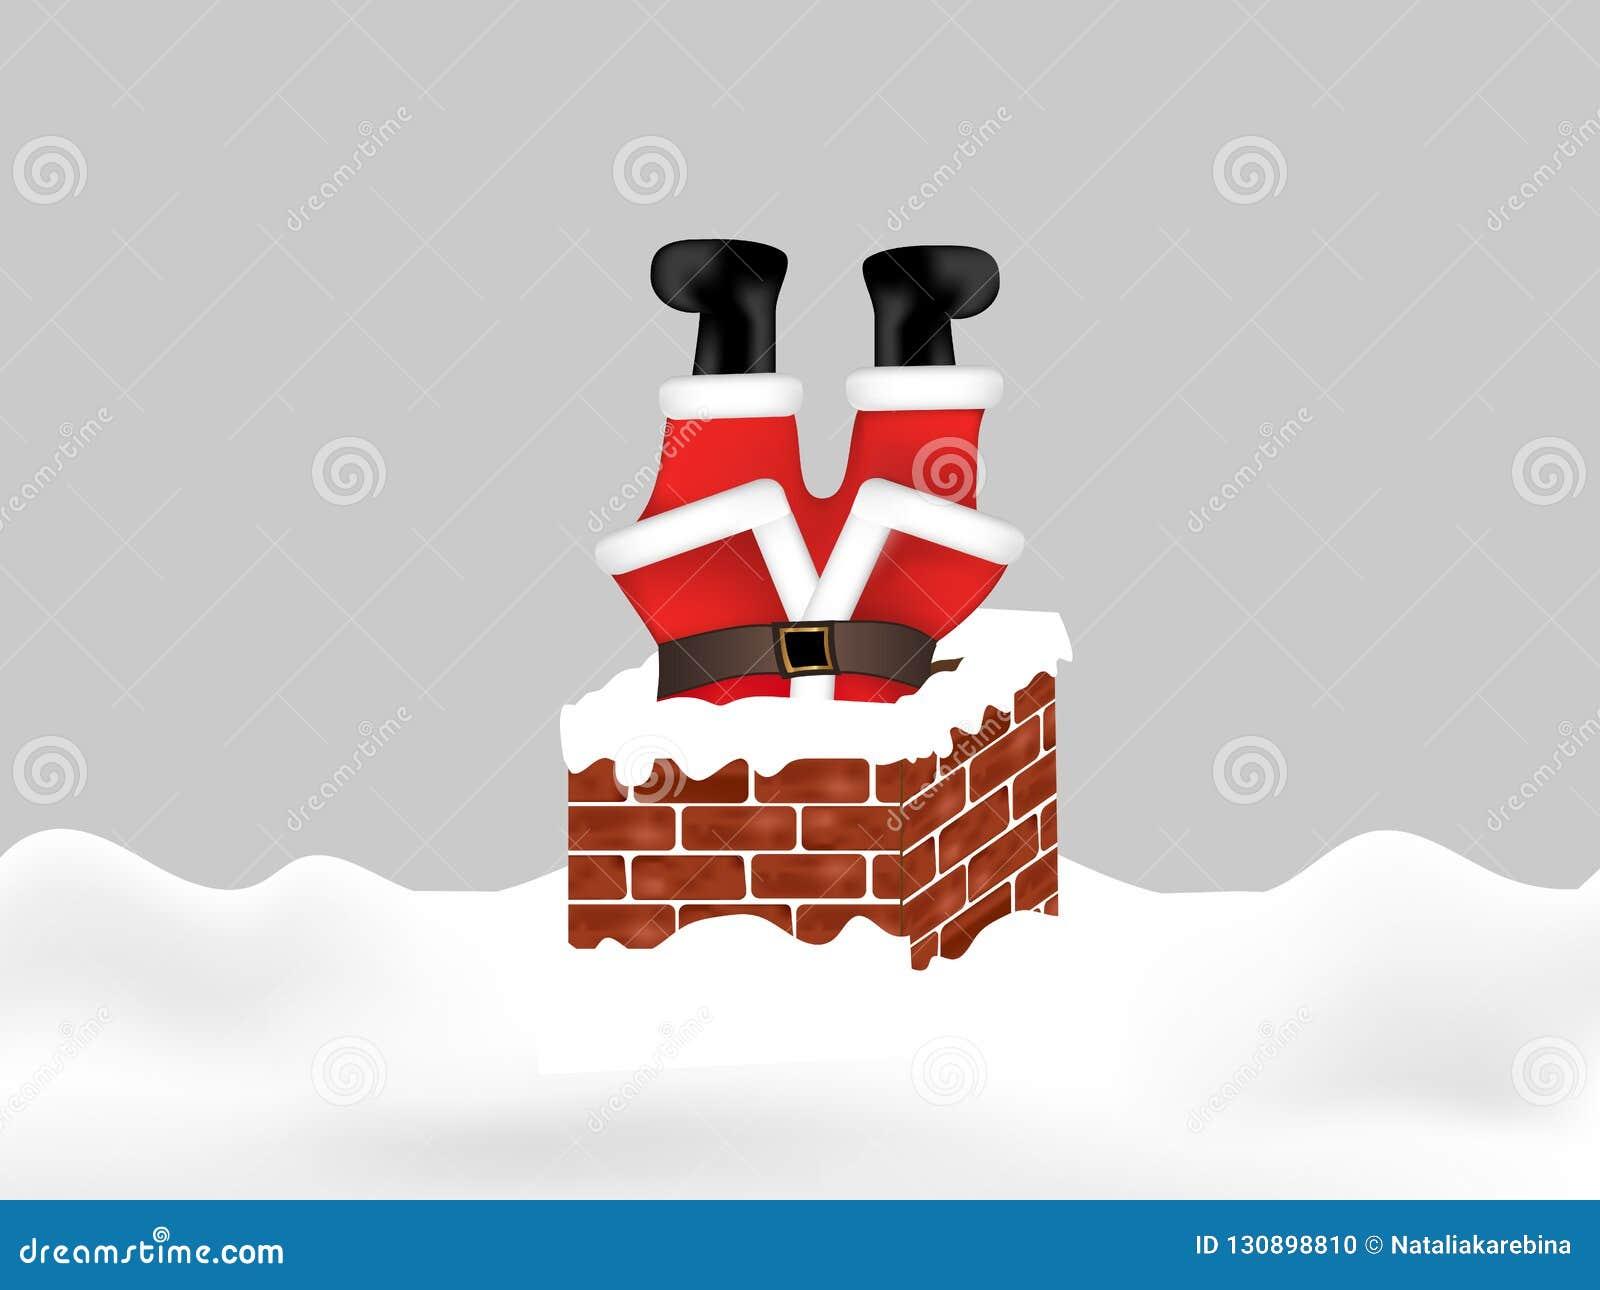 Święty Mikołaj wtykał w kominie do góry nogami abstrakcjonistycznych gwiazdkę tła dekoracji projektu ciemnej czerwieni wzoru star